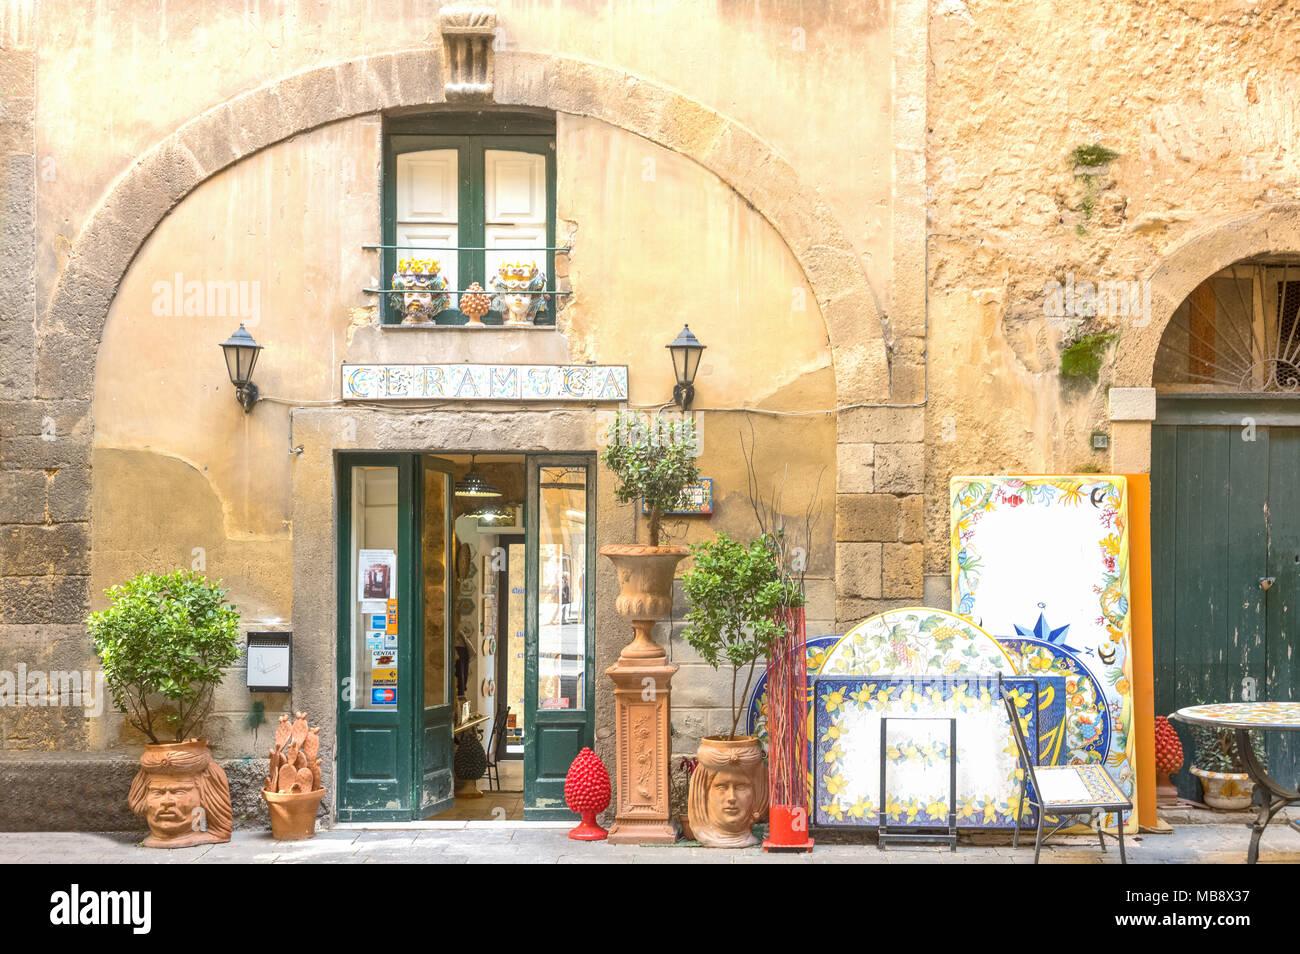 Piastrelle artistiche sicilia piastrella maiolica maiolica